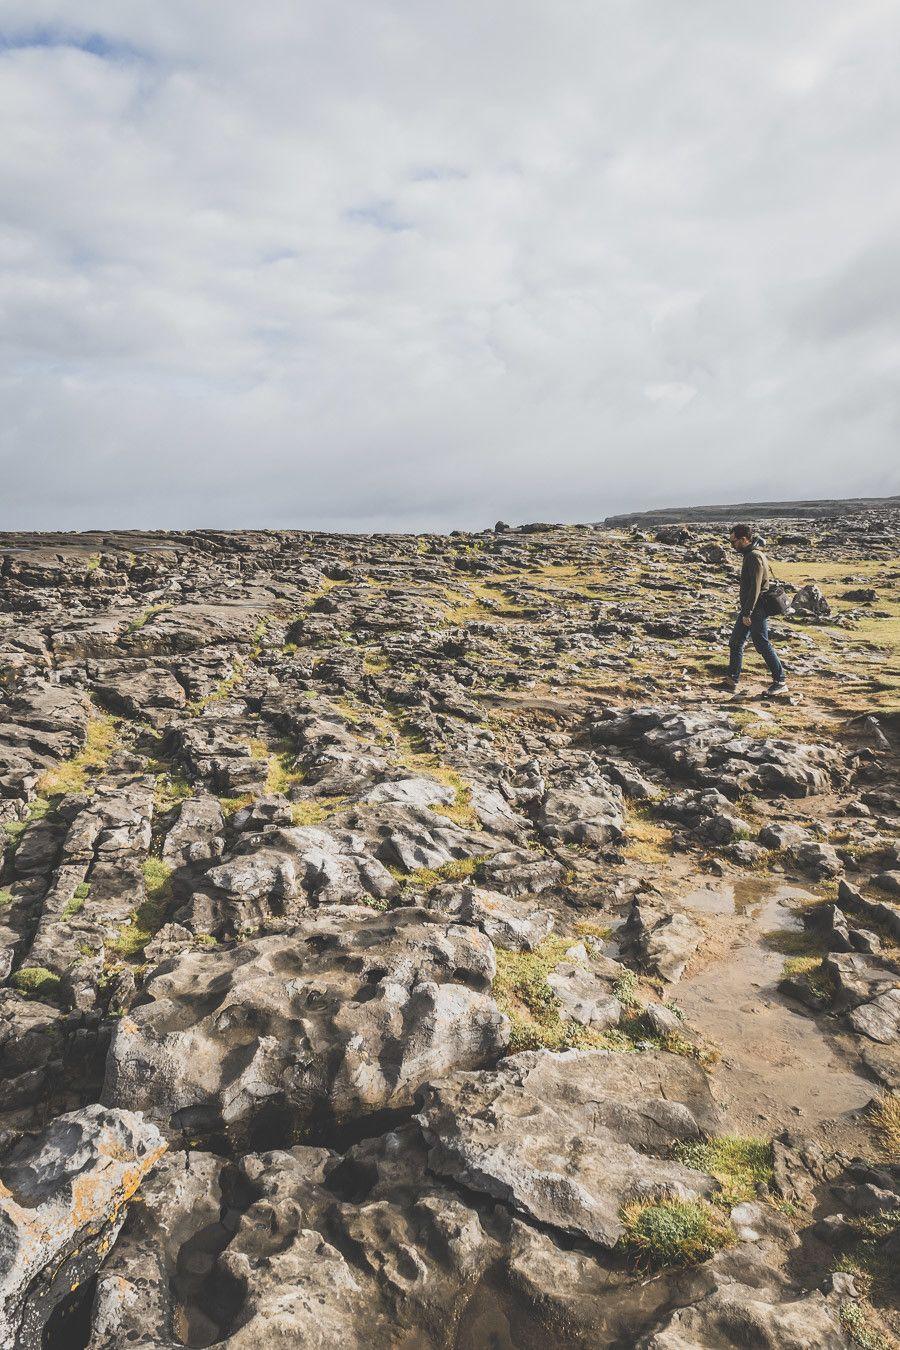 Vous planifiez un road trip en Irlande ? N'oubliez pas de passer par le Burren ! Cette superbe région géologique se situe dans le comté de Clare en Irlande et côtoie les célèbres Falaises de Moher / Cliffs of Moher Ireland / Irlande road trip / Road trip Irlande / Irlande paysage / Irlande voyage / Voyage Irlande / Irlande voyage / Voyage Irlande / Voyage en Irlande / Carnet de voyage en Irlande / Carnet voyage Irlande / Burren Ireland / Burren National Park Ireland /